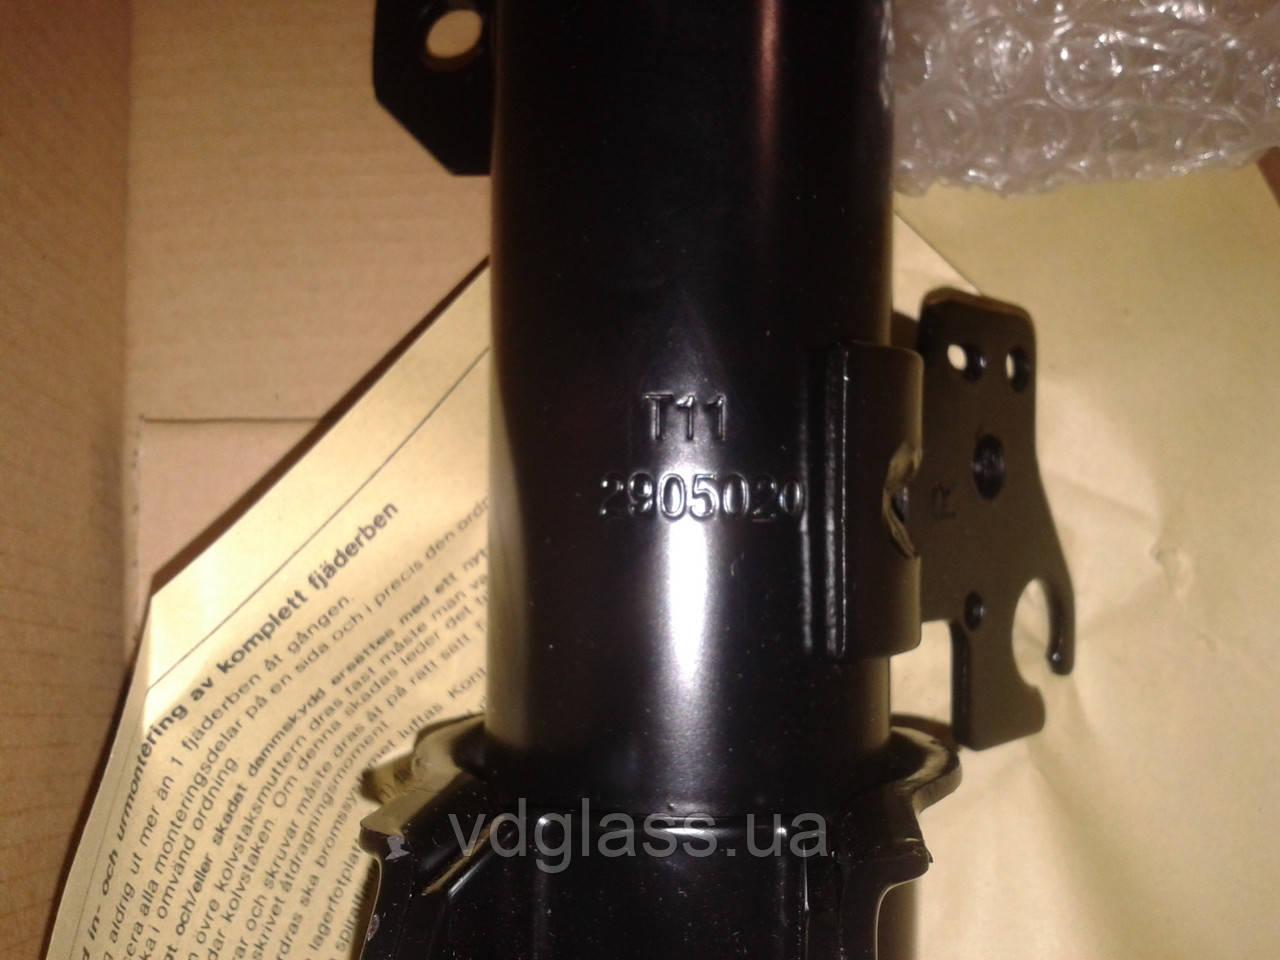 T11-2905020/T11-2905010 Амортизатор передний (стойка) Chery Tiggo t11